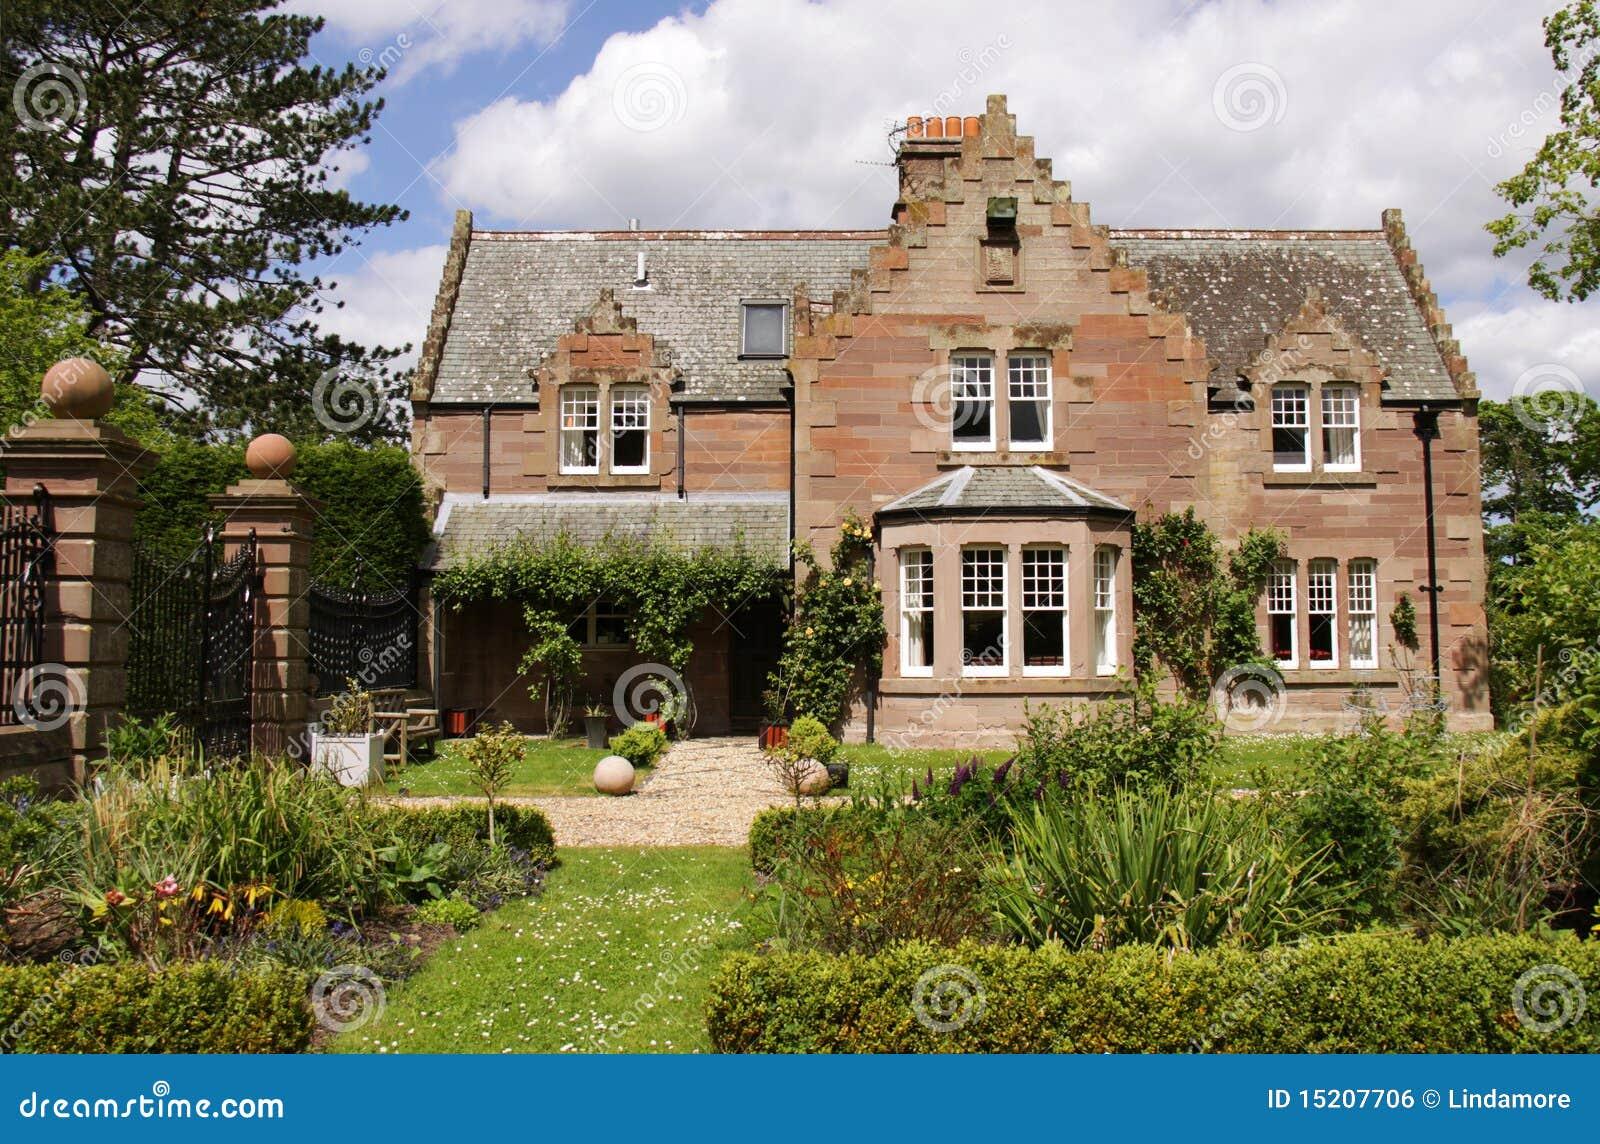 Casa di campagna e giardini idillici immagine stock libera for Architettura della casa di campagna